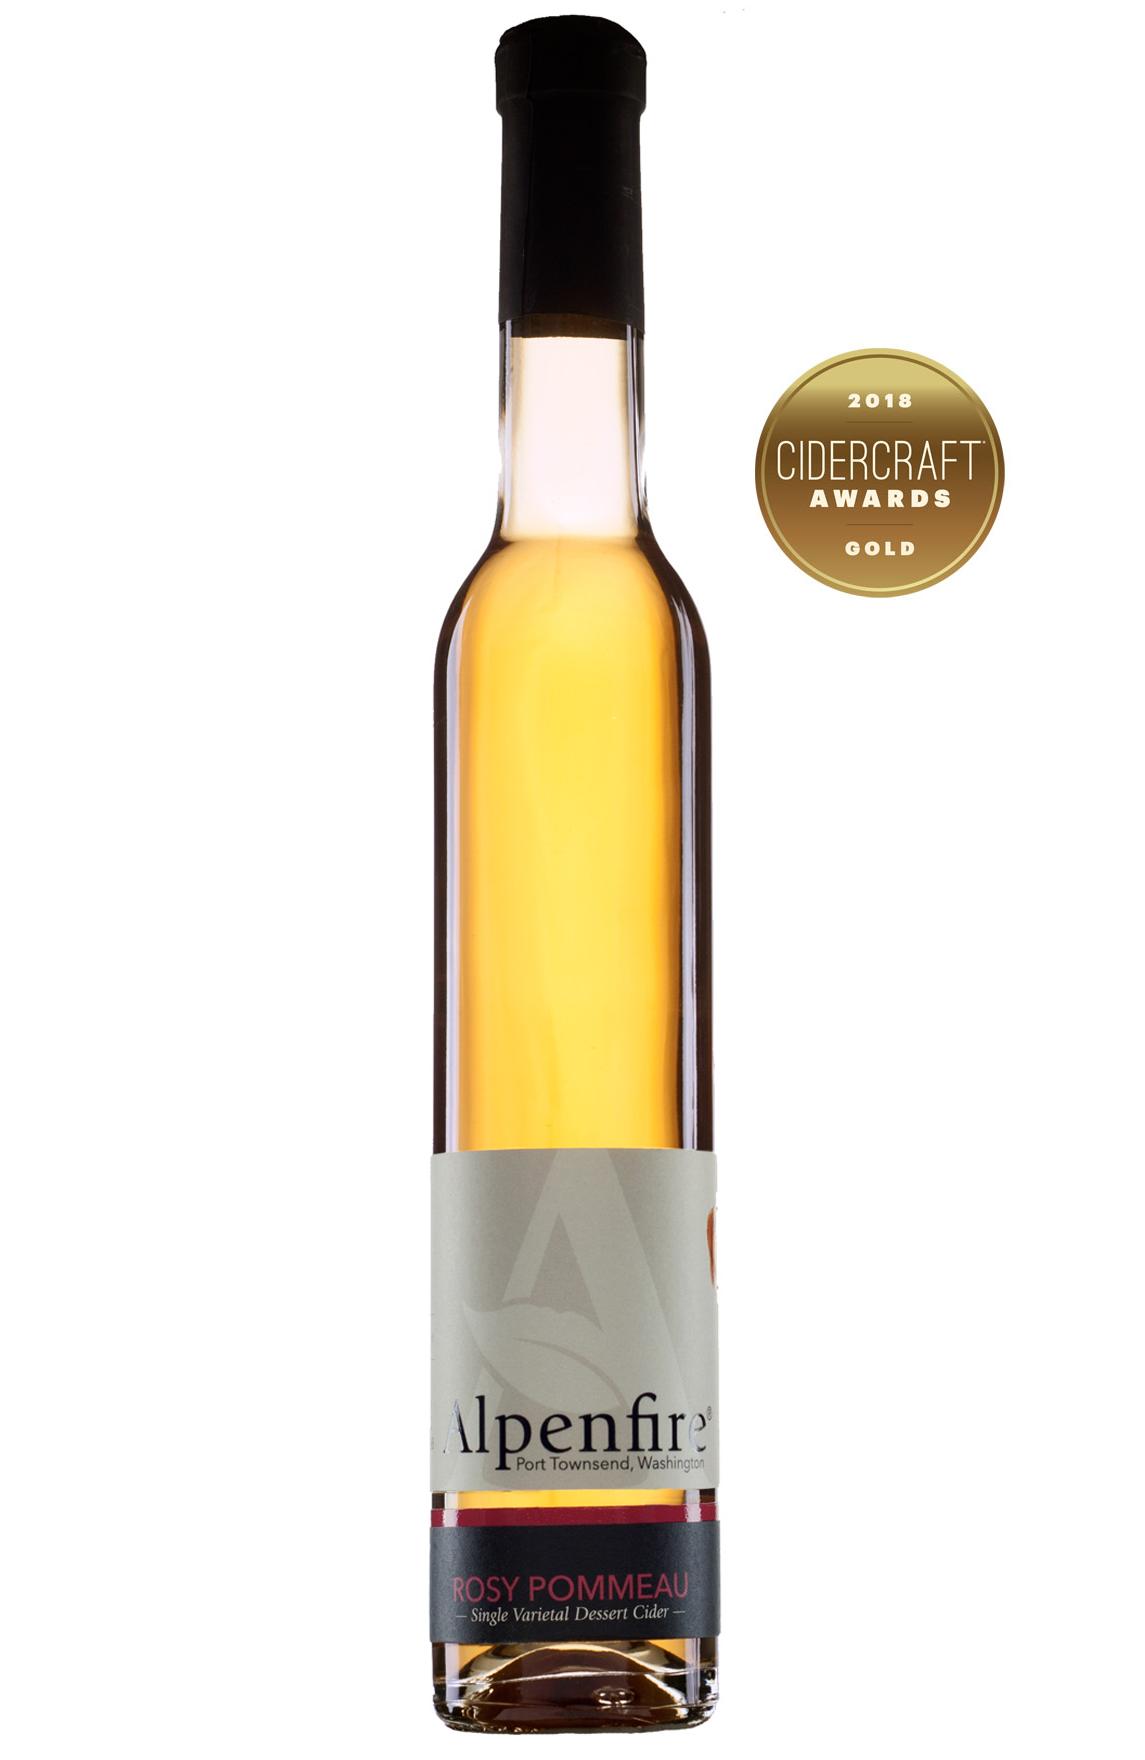 Alpenfire-Rosy-Pommeau-Dessert-Cider-Cidercraft-Gold.png